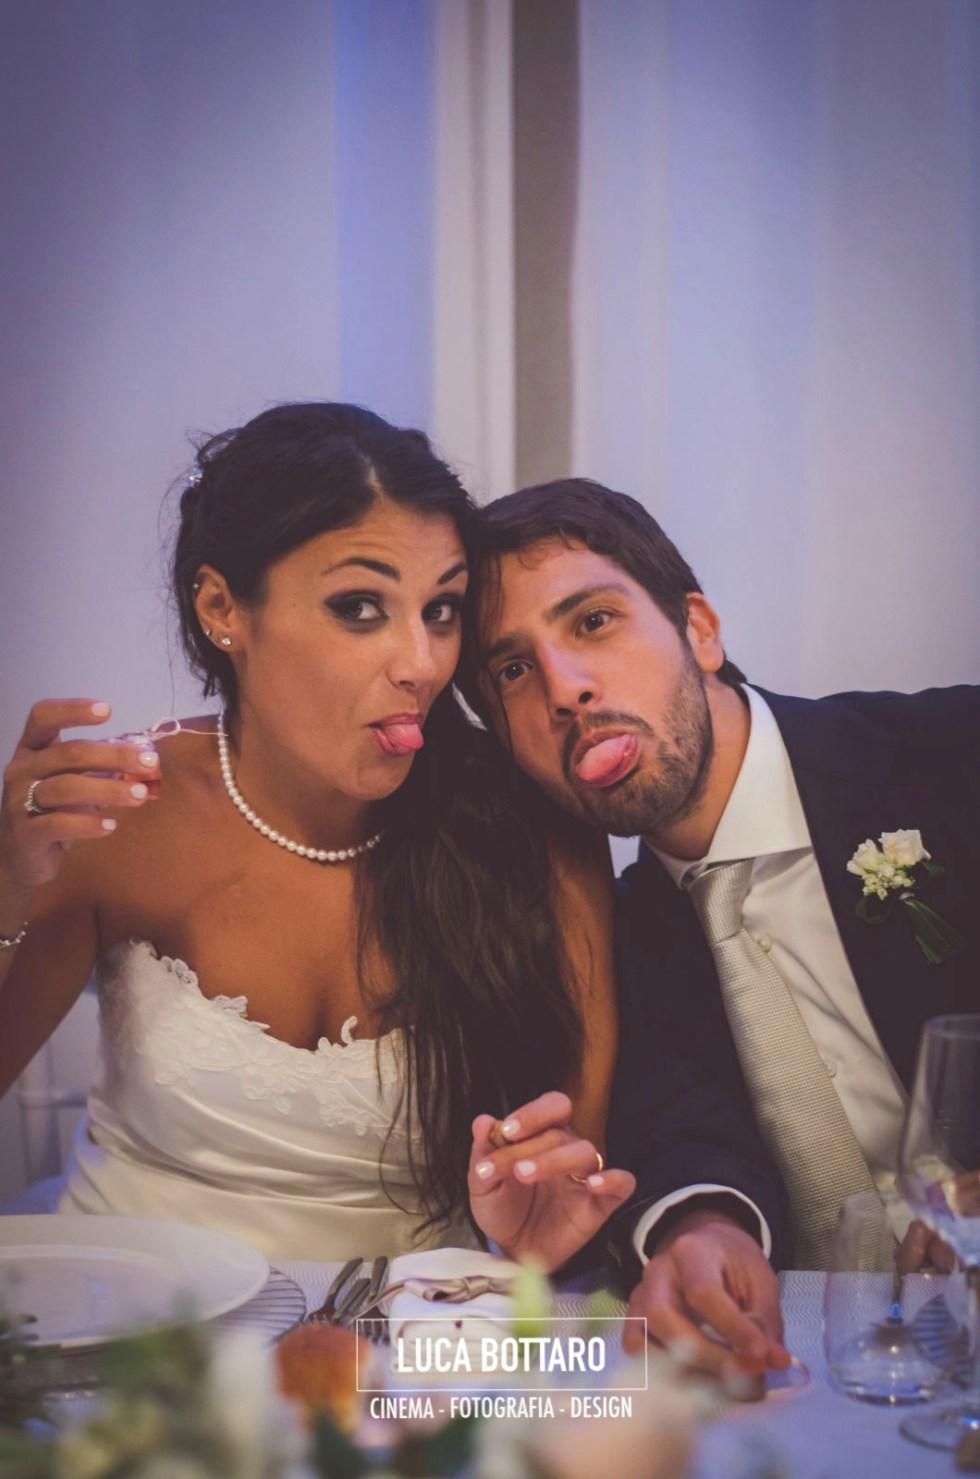 fotografie matrimonio luca bottaro_ (128)